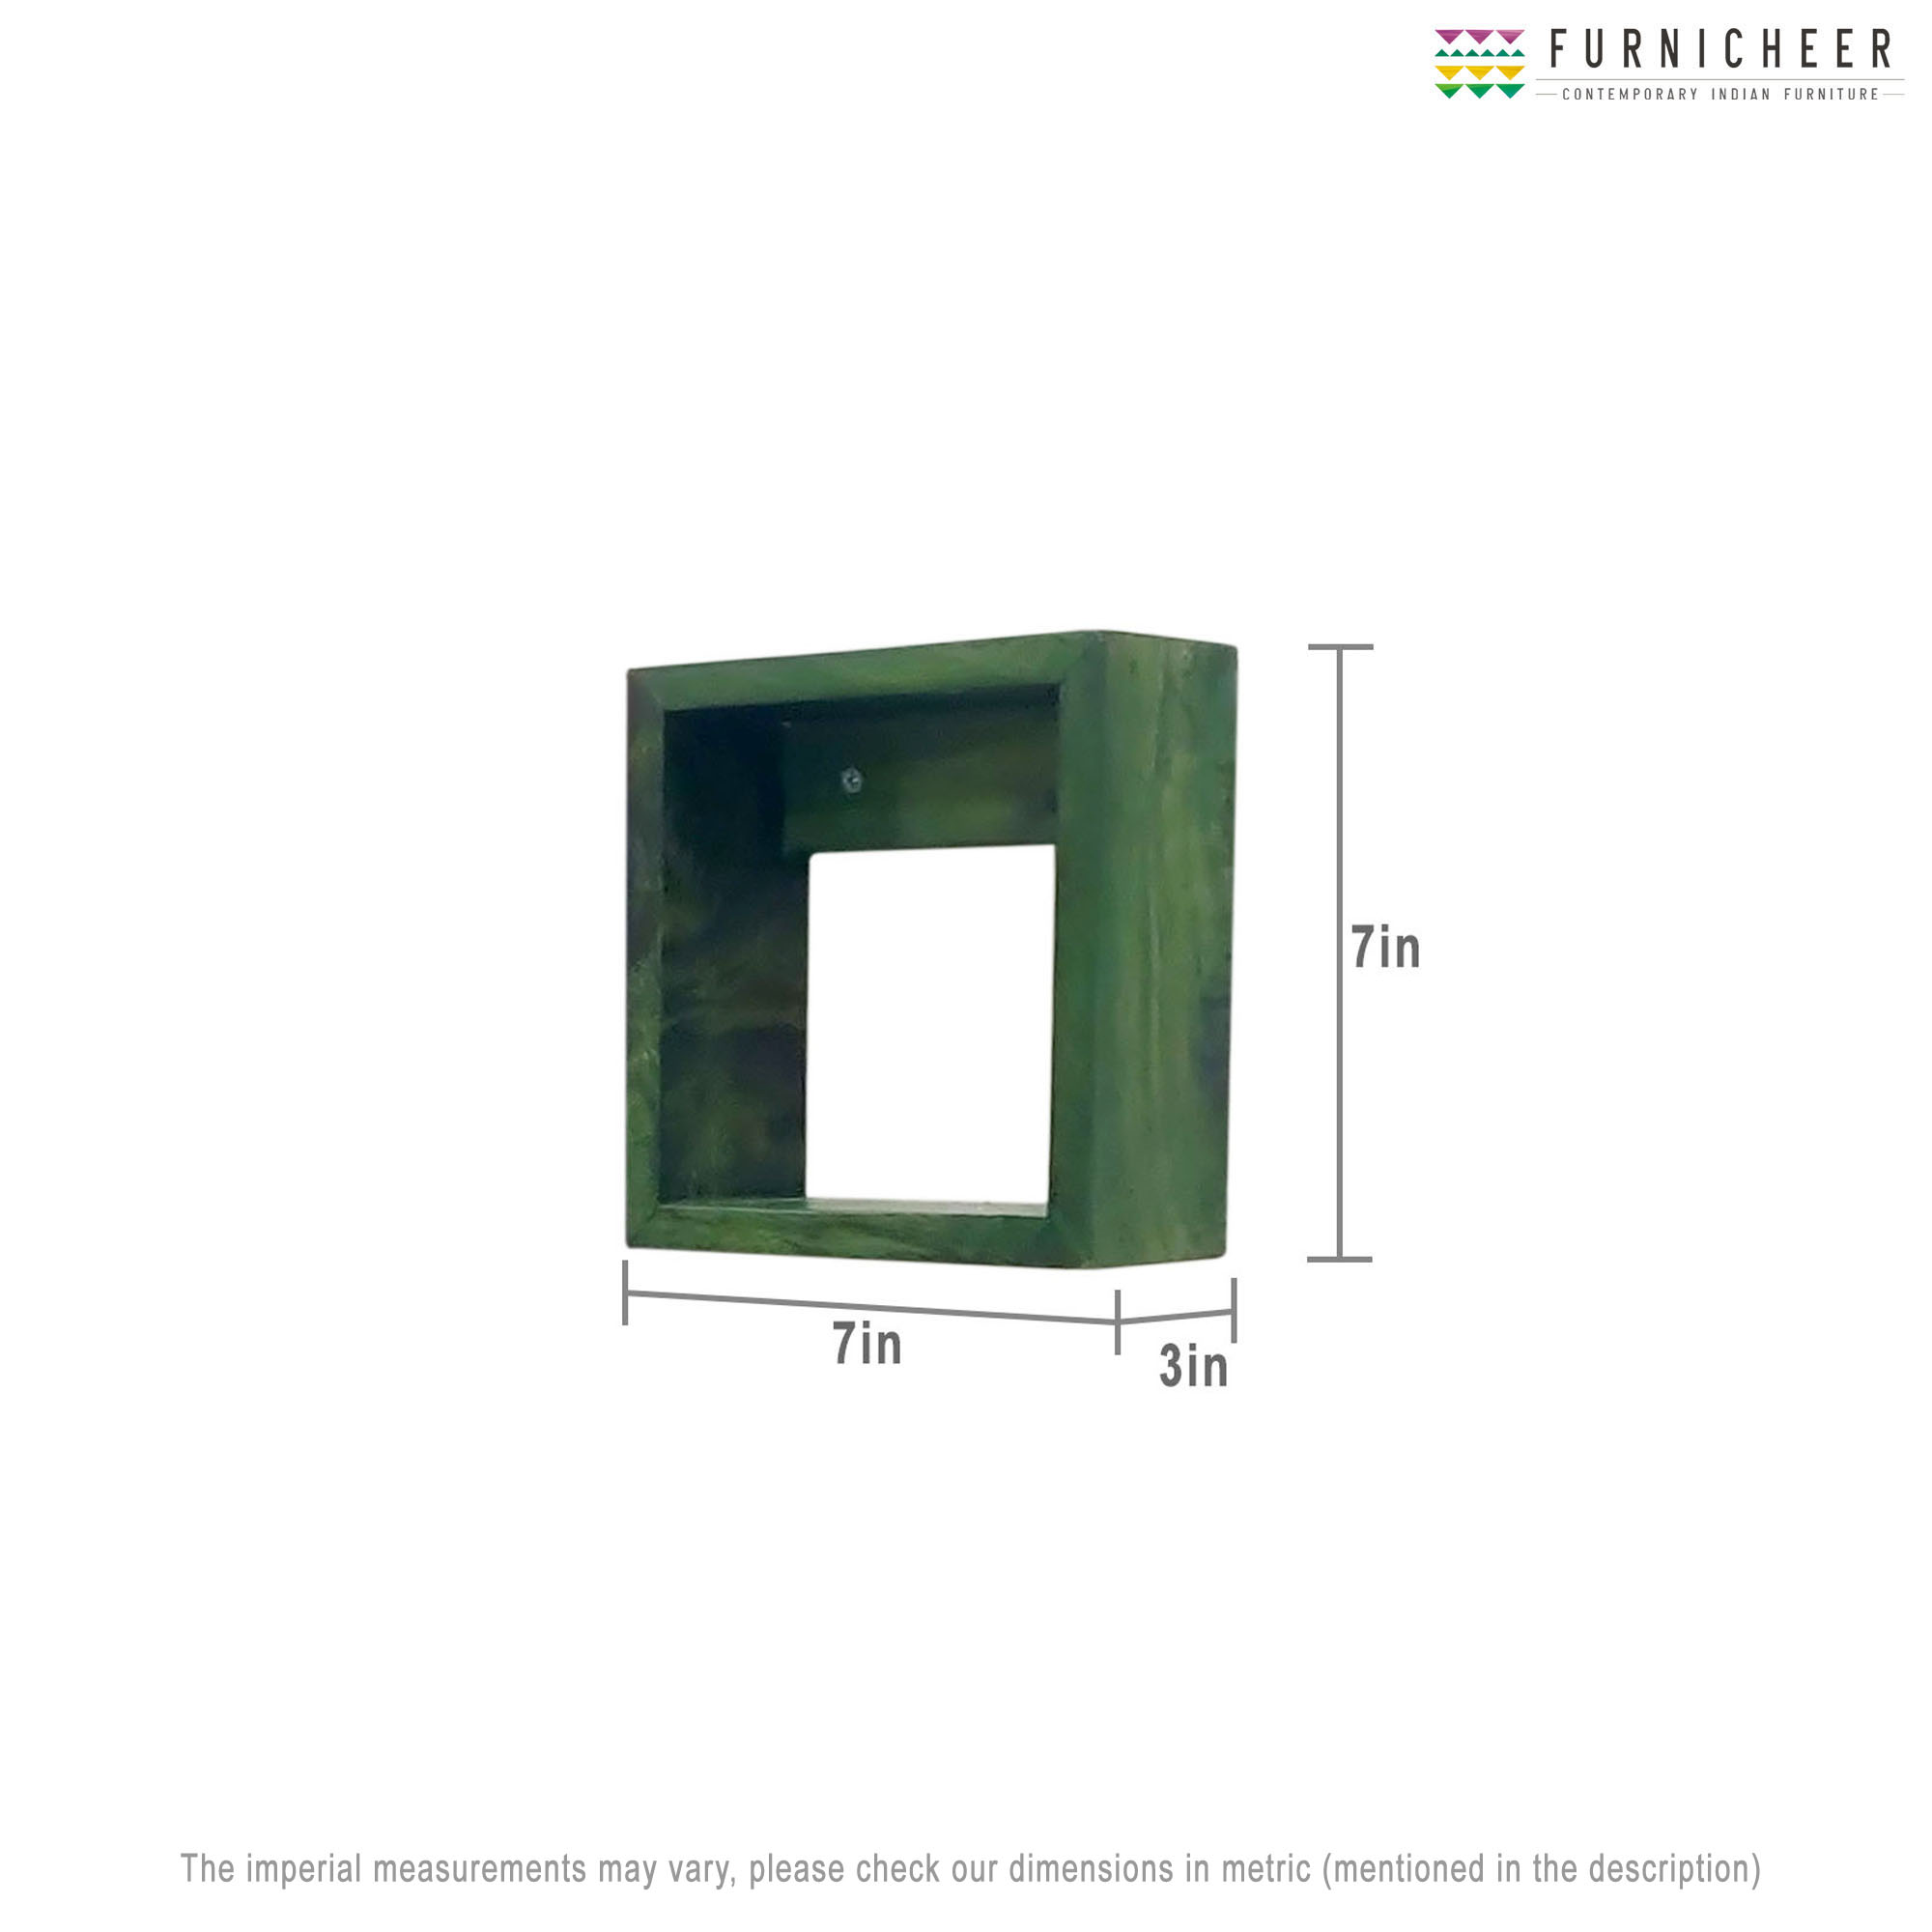 4.CONSOLE SHELF SKU SHGR3387